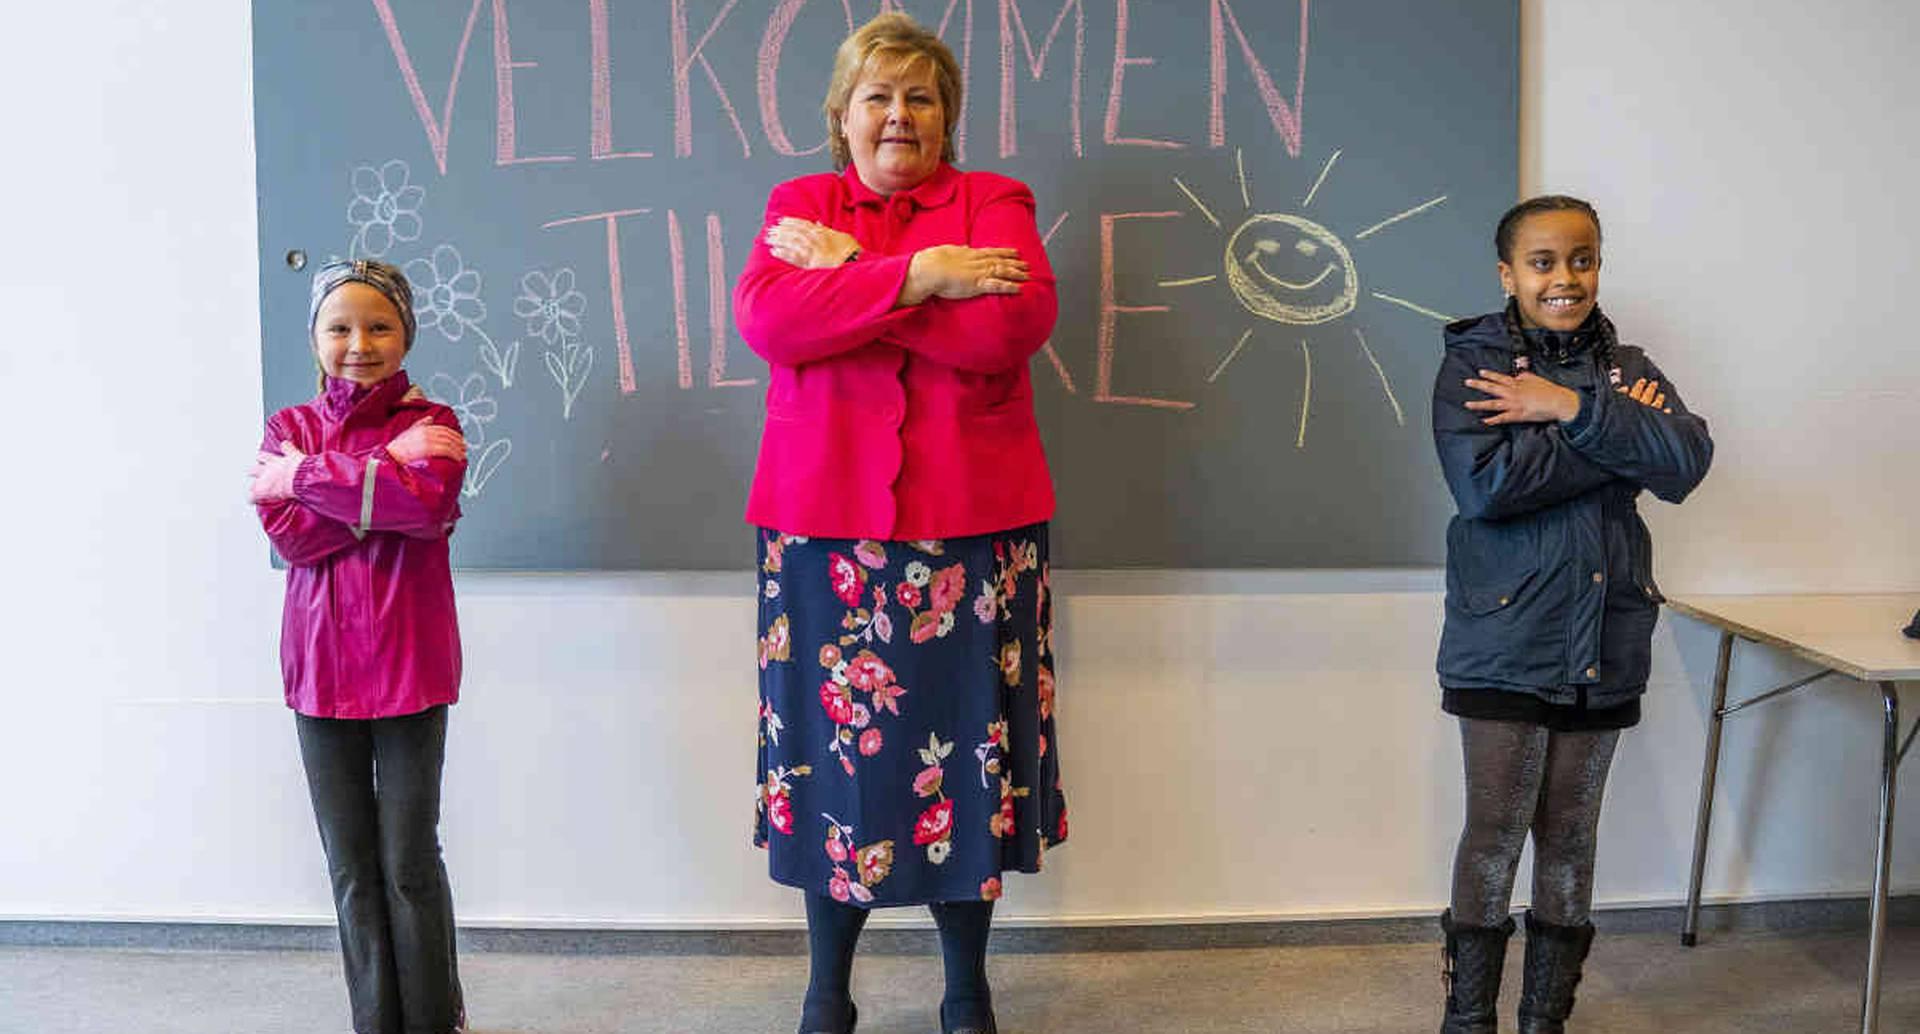 La primera ministra noruega, Erna Solberg (centro) aprende una técnica de saludo de los estudiantes Celine Busk, izquierda y Rim Daniel Abraham, durante su visita a la escuela Ellingsrudasen en Oslo, el pasado lunes 27 de abril de 2020. Las escuelas volvieron a abrir de primero a cuarto grado en Noruega después de seis semanas de cierre, debido a la pandemia del coronavirus. (Hakon Mosvold Scanpix de Larsen / NTB AP)